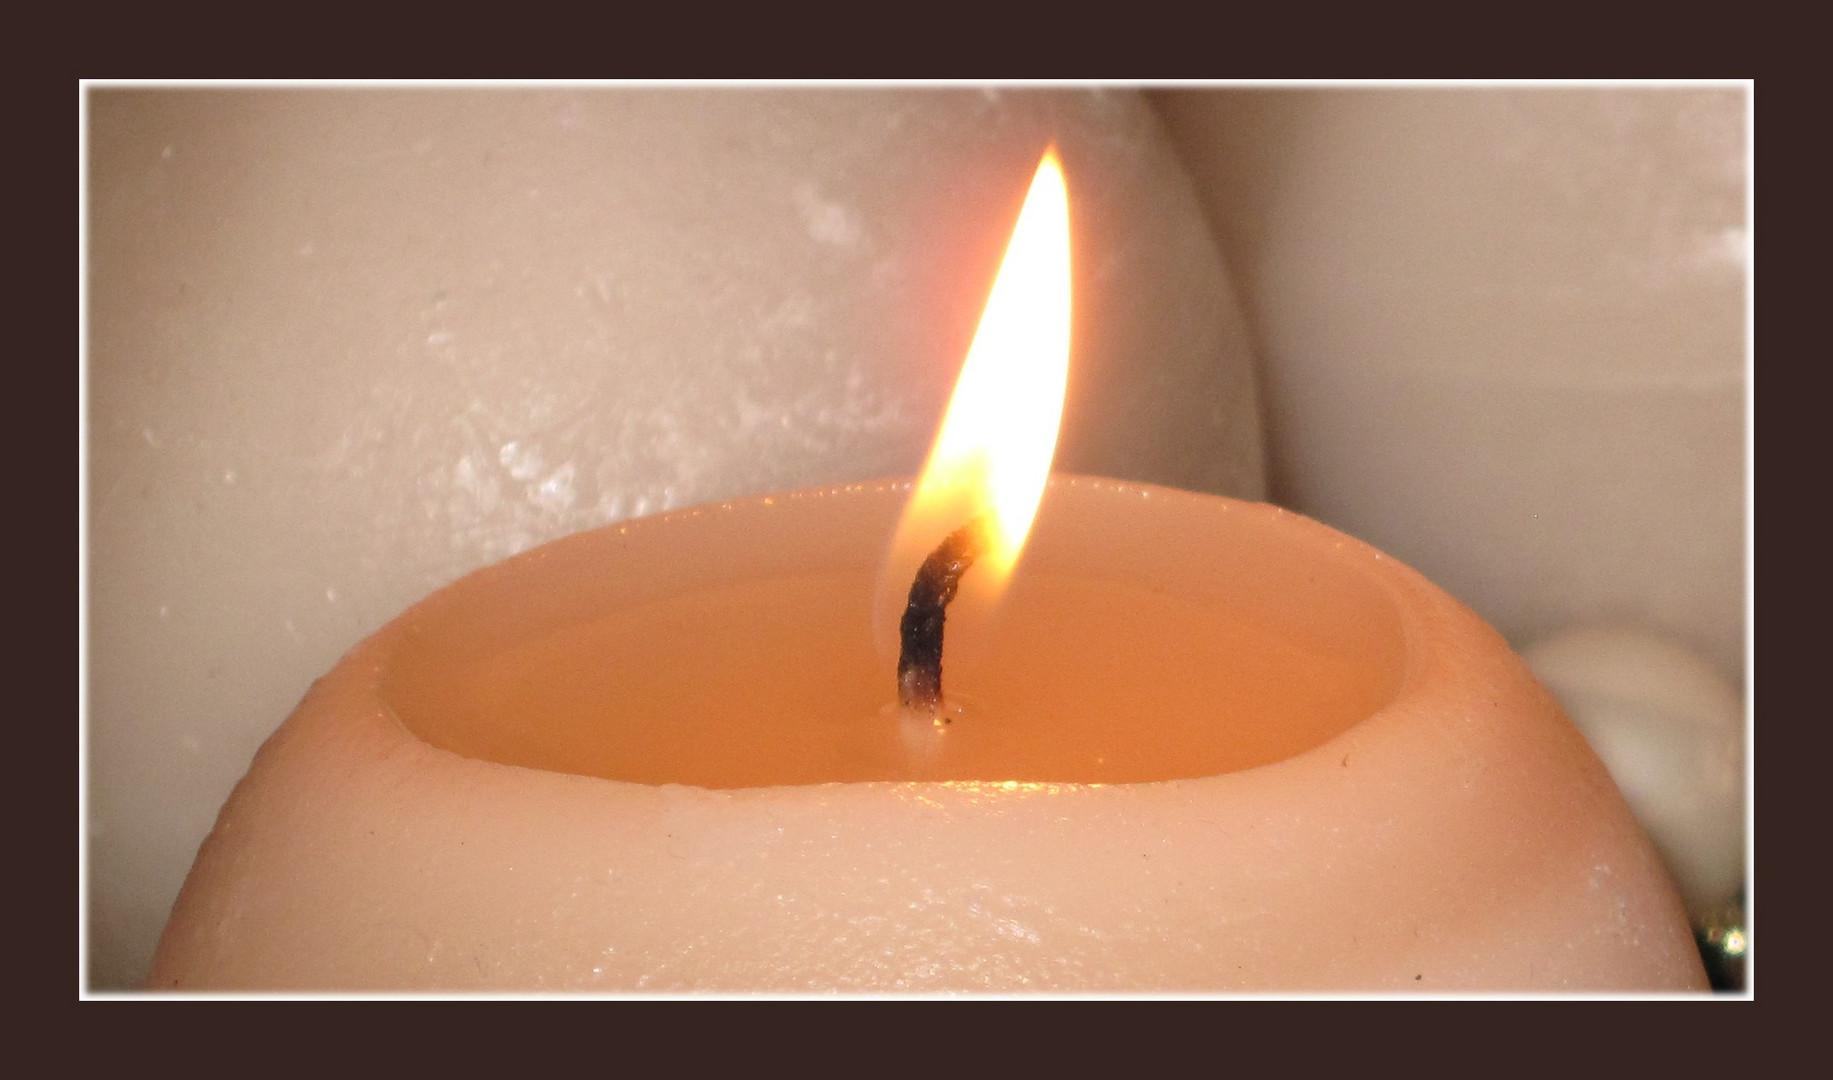 Chaleur de la flamme